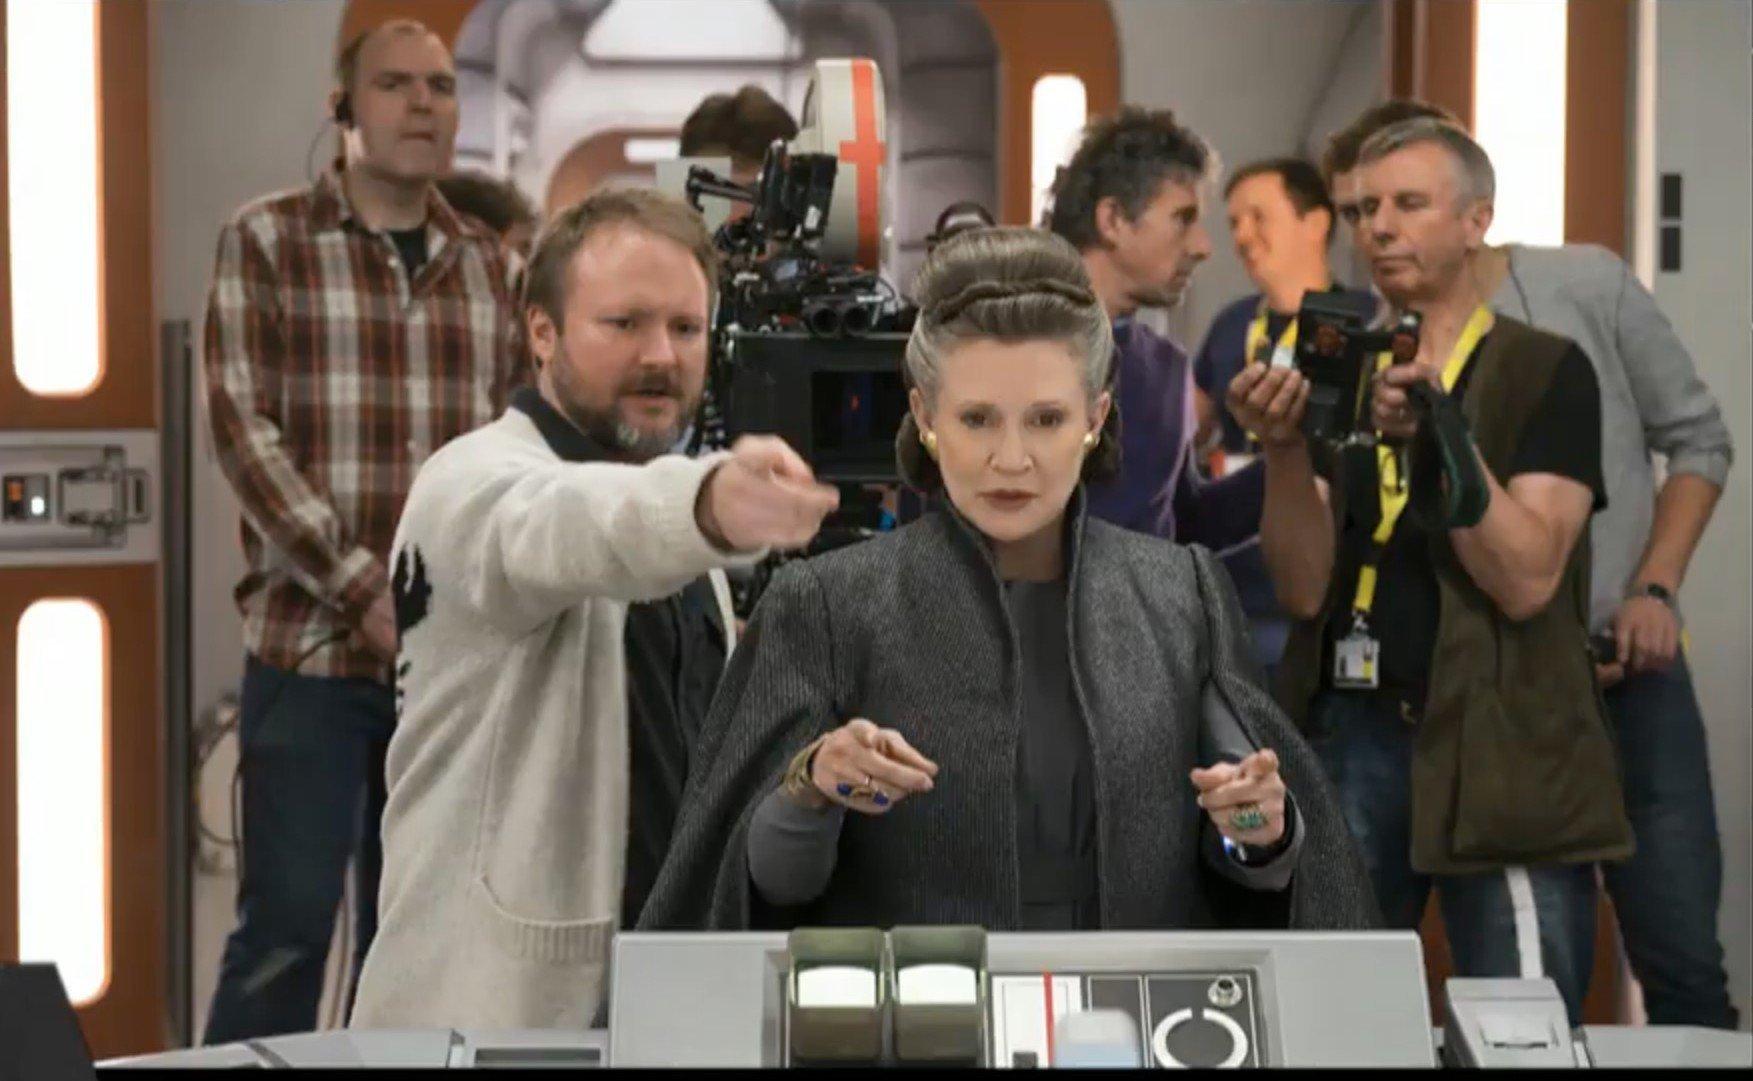 Según los informes, Rian Johnson abandonó el borrador de JJ Abrams Star Wars: Episodio VIII para The Last Jedi